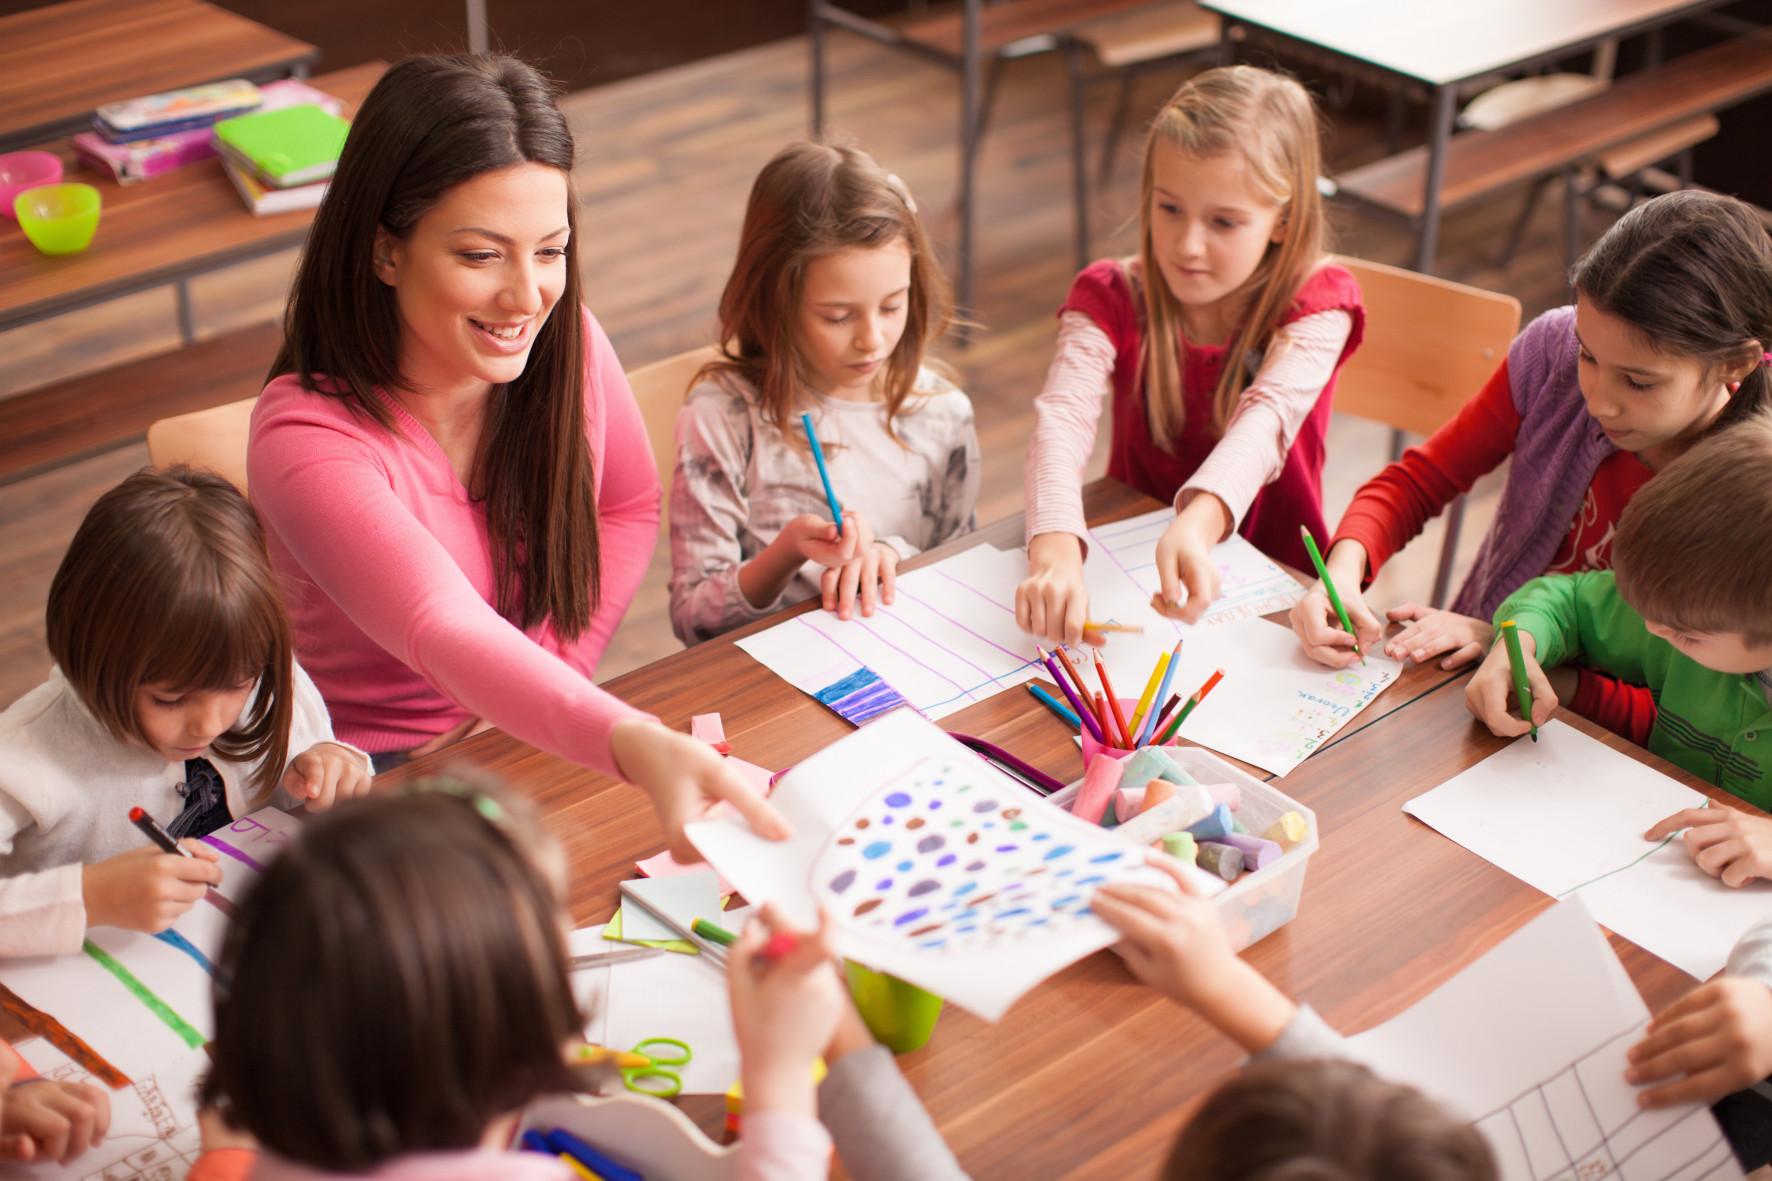 12способов увлечь детей учёбой